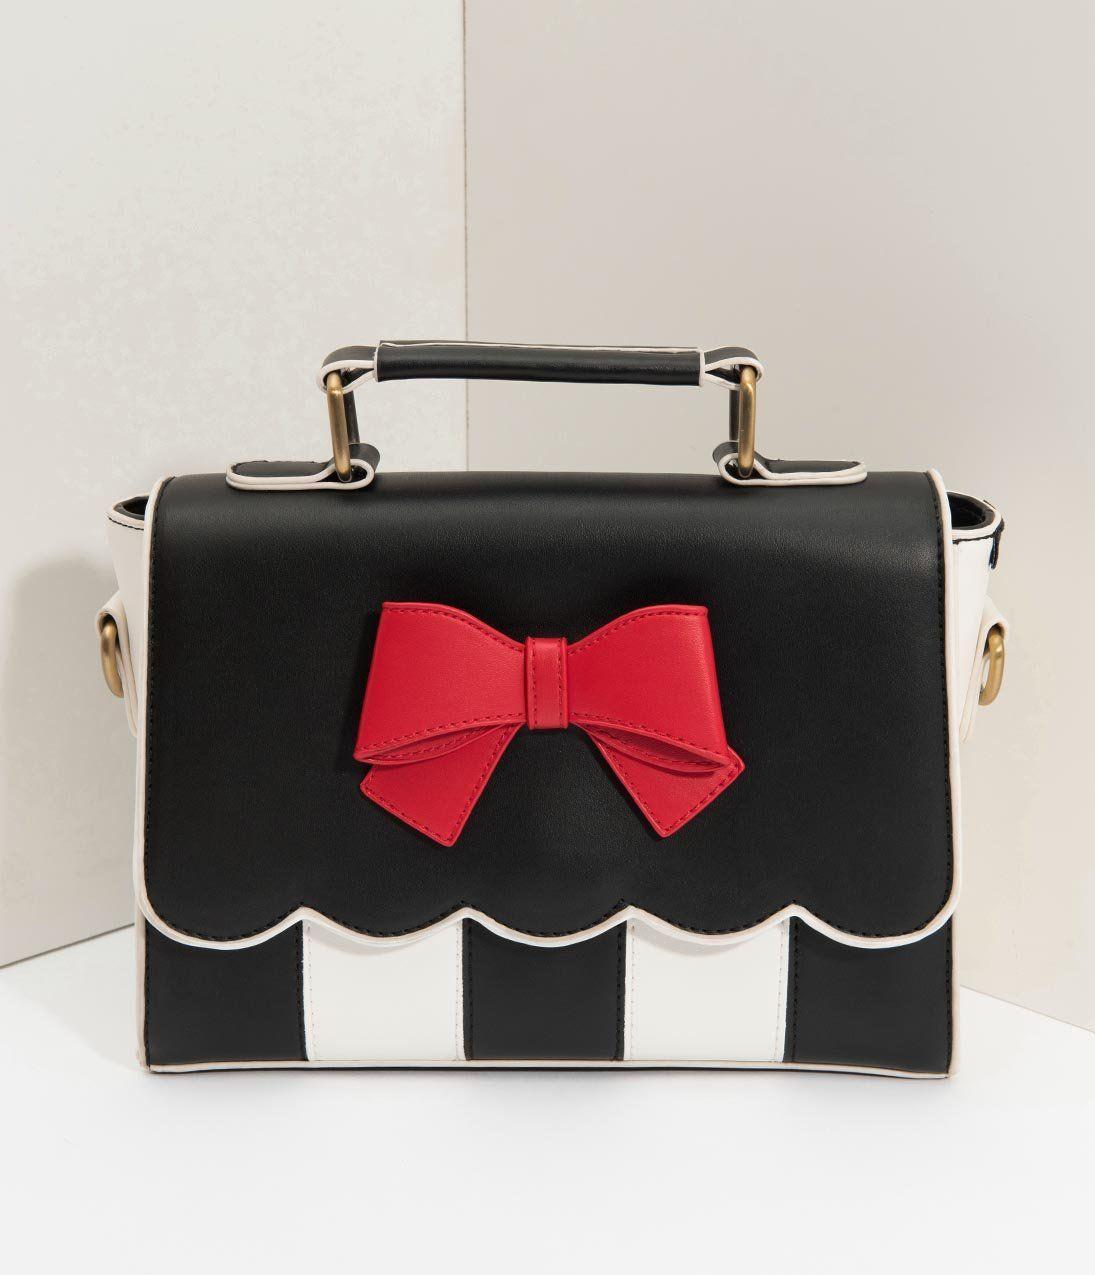 e907f4d818cb5 Lola Ramona Black & Cream Stripe Red Bow Stella Handbag – Unique Vintage